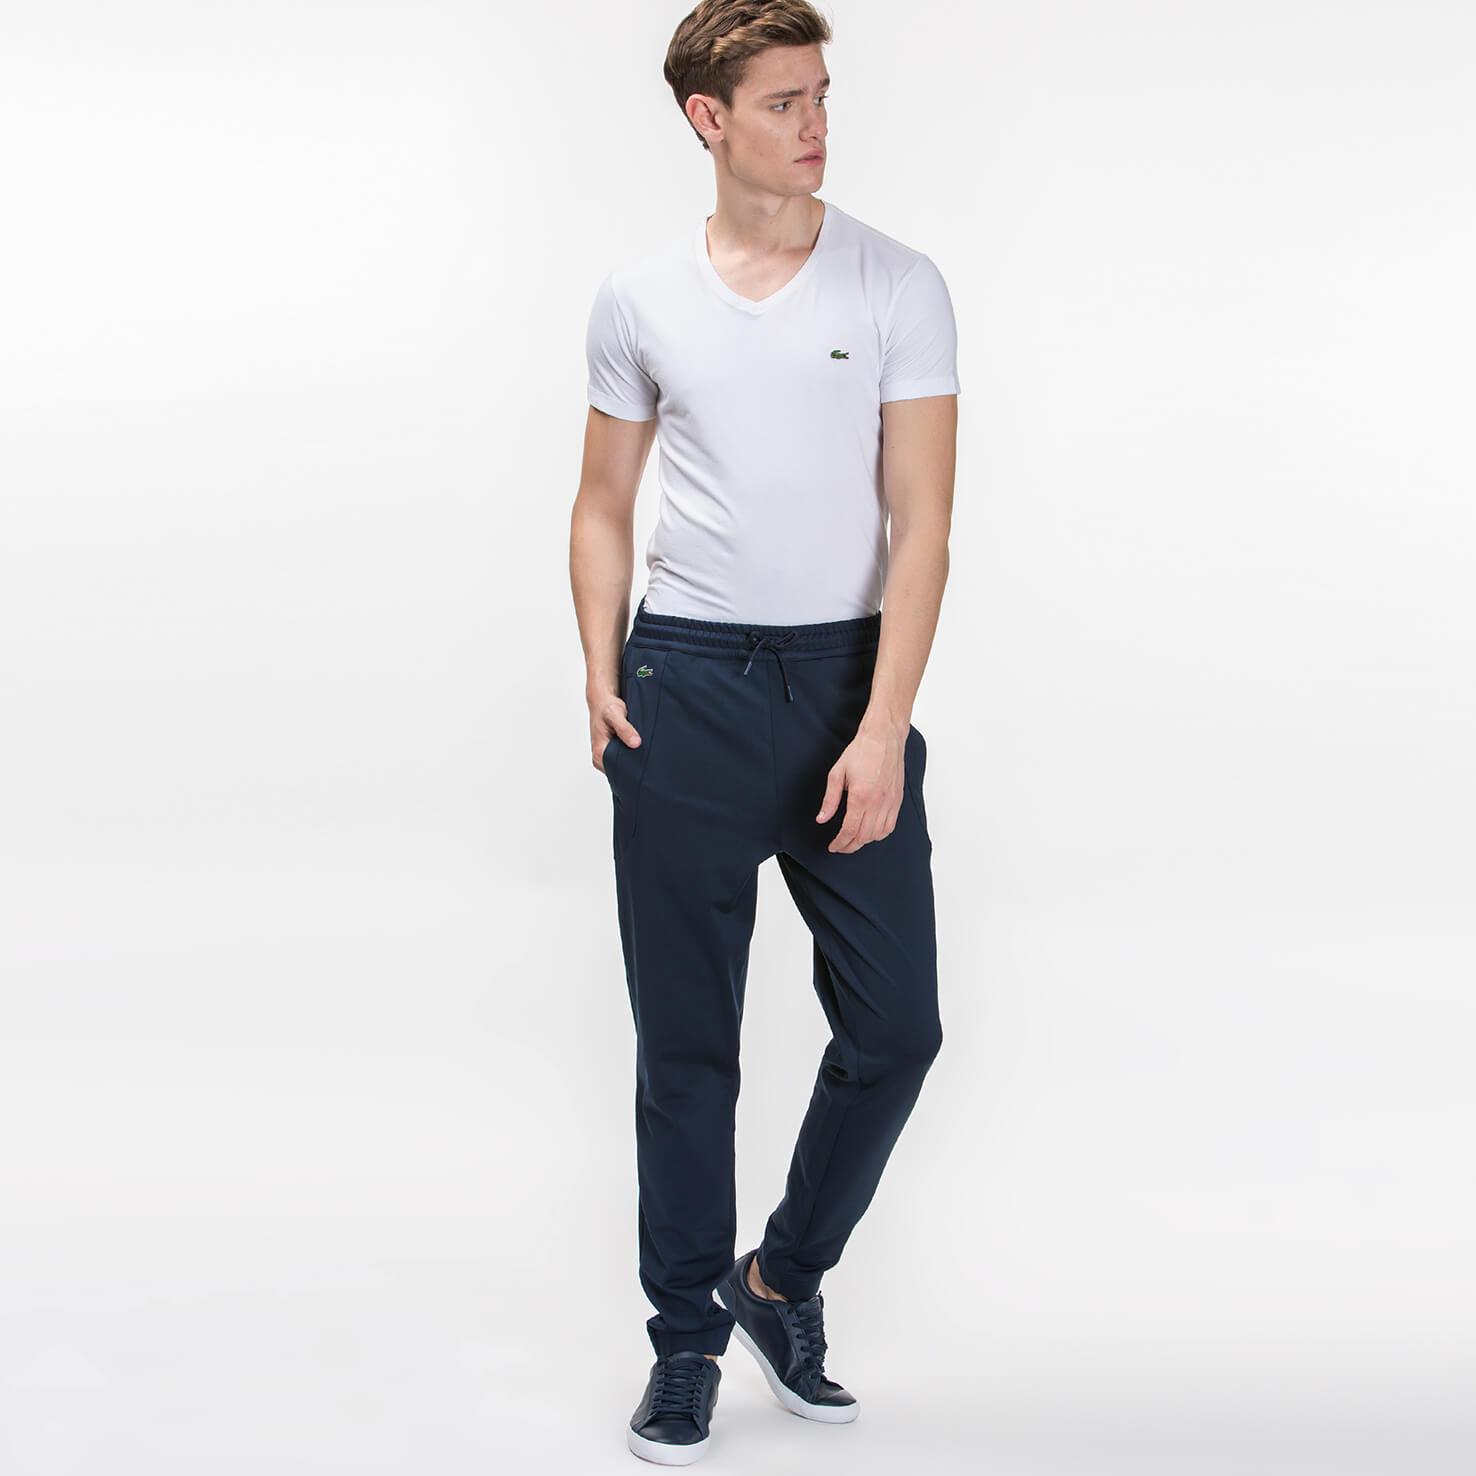 Спортивные штаны LacosteСпортивная одежда<br>Детали: мужские спортивные штаны  \ Материал: 92% полиэстер 8% эластан \ Страна производства: Турция